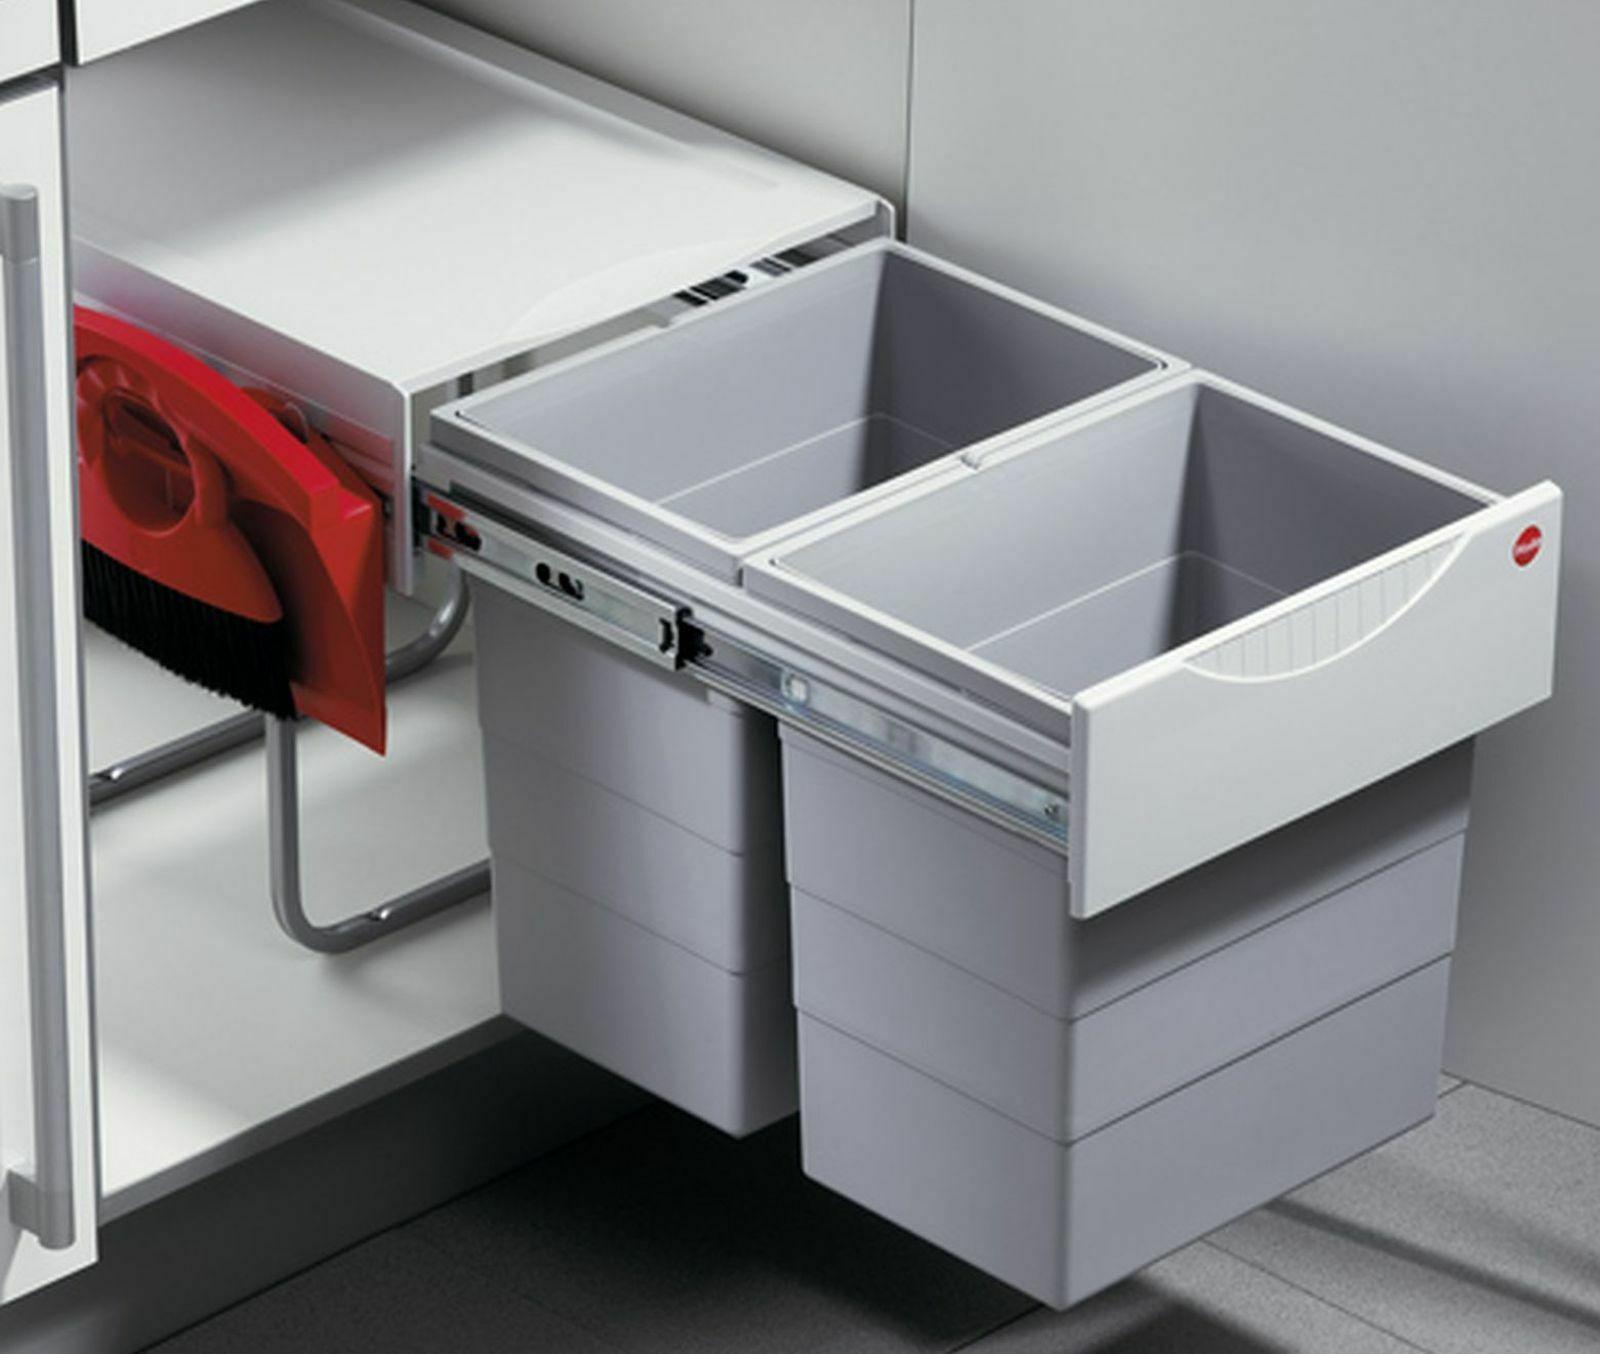 Mülleimer Küche Hailo Tandem mit Kehrset Schrank ab 40 cm Mülltrennung  *43421